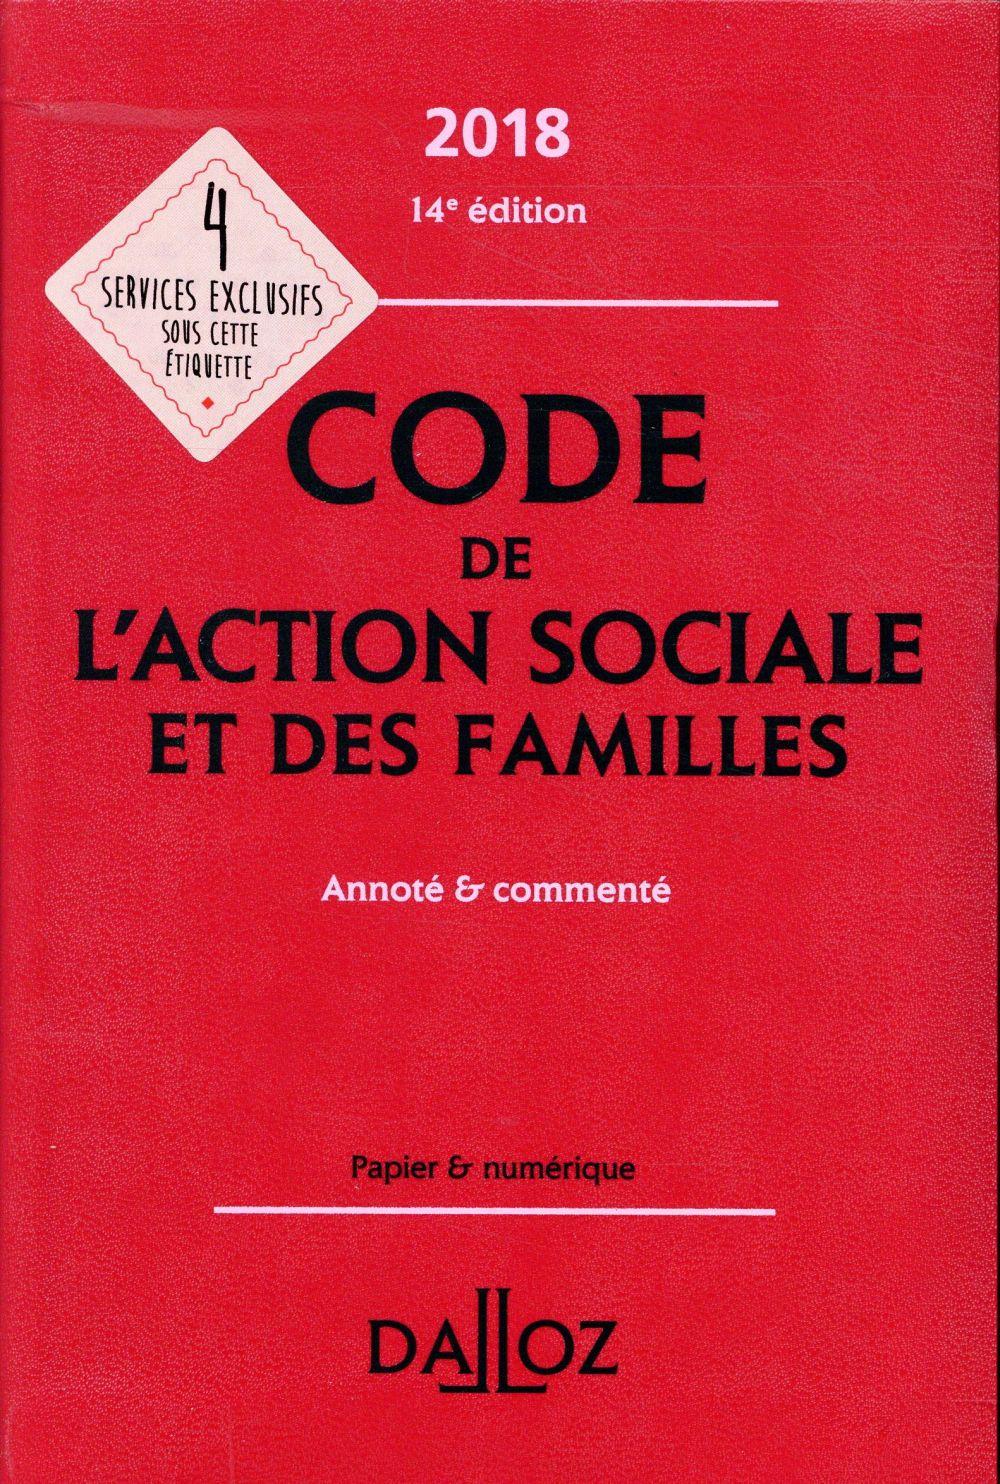 Code de l'action sociale et des familles annoté et commenté (édition 2018)